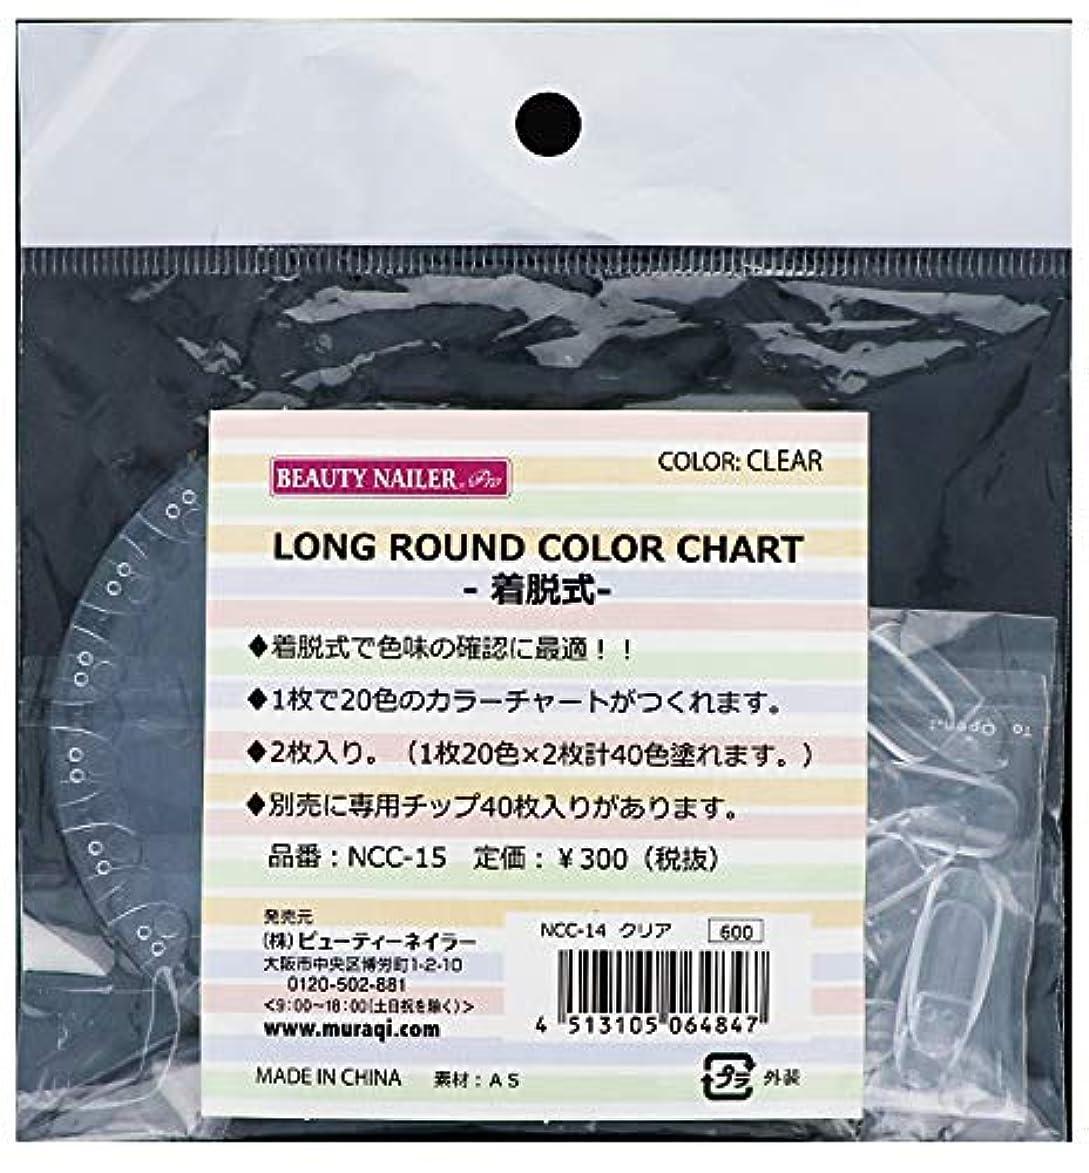 気球集中的な猛烈なロングラウンドカラーチャート -着脱式-(NCC-14)